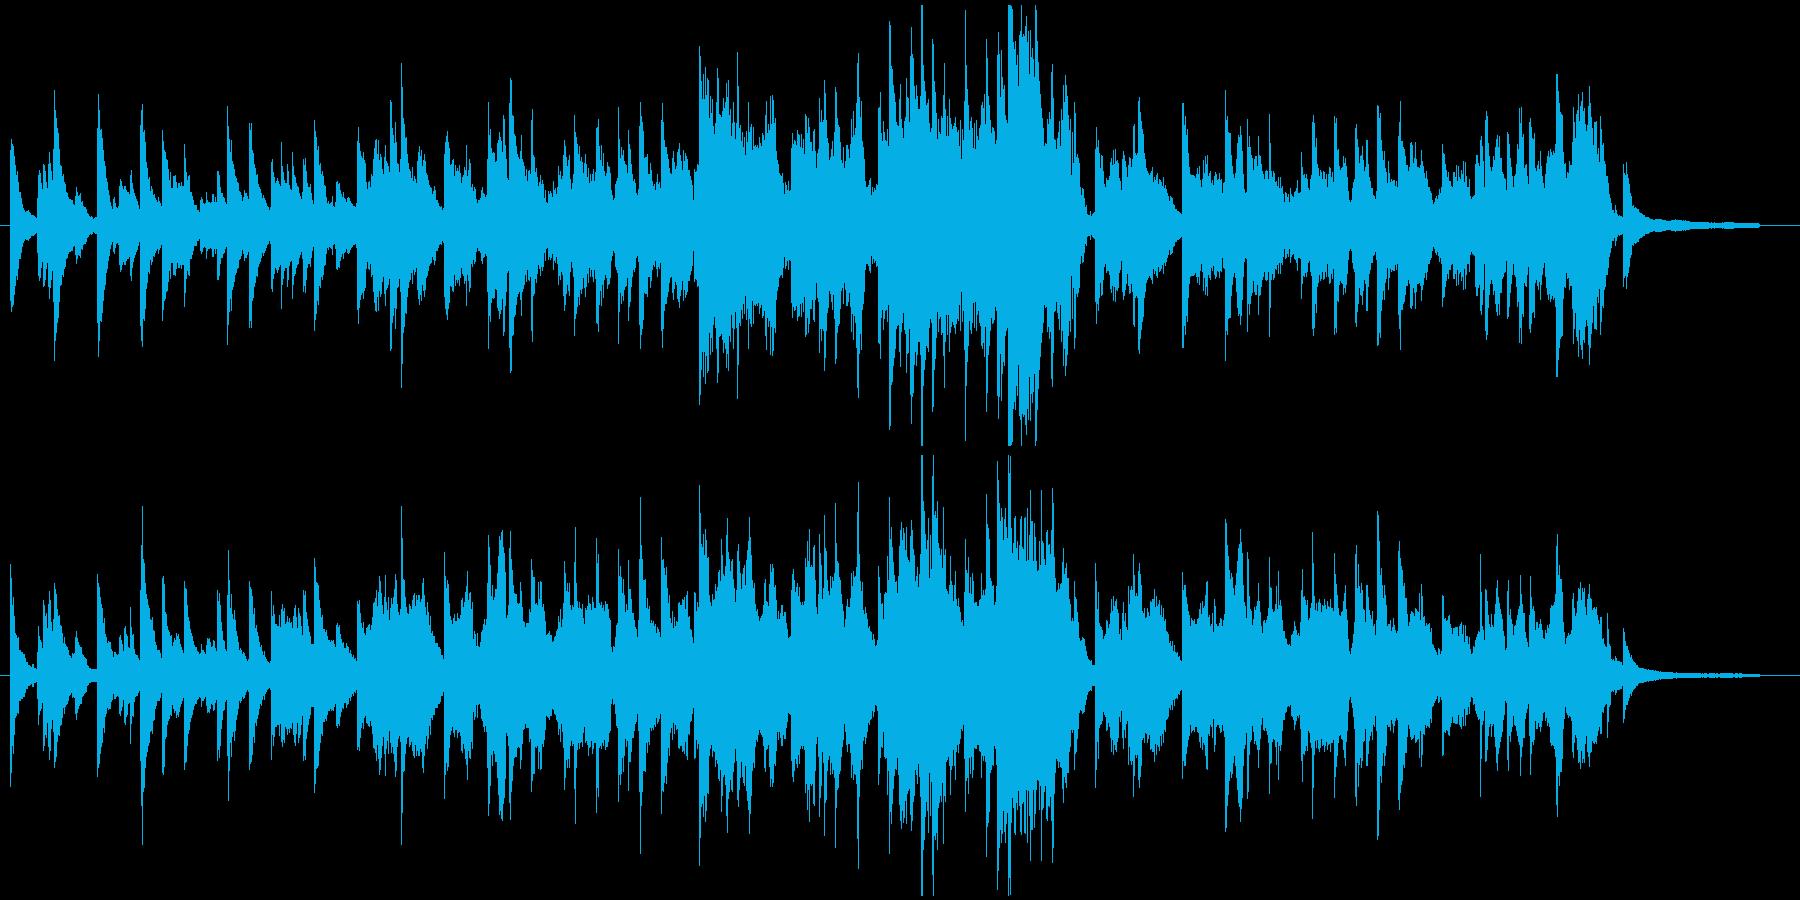 弦とピアノの優しいバラードの再生済みの波形